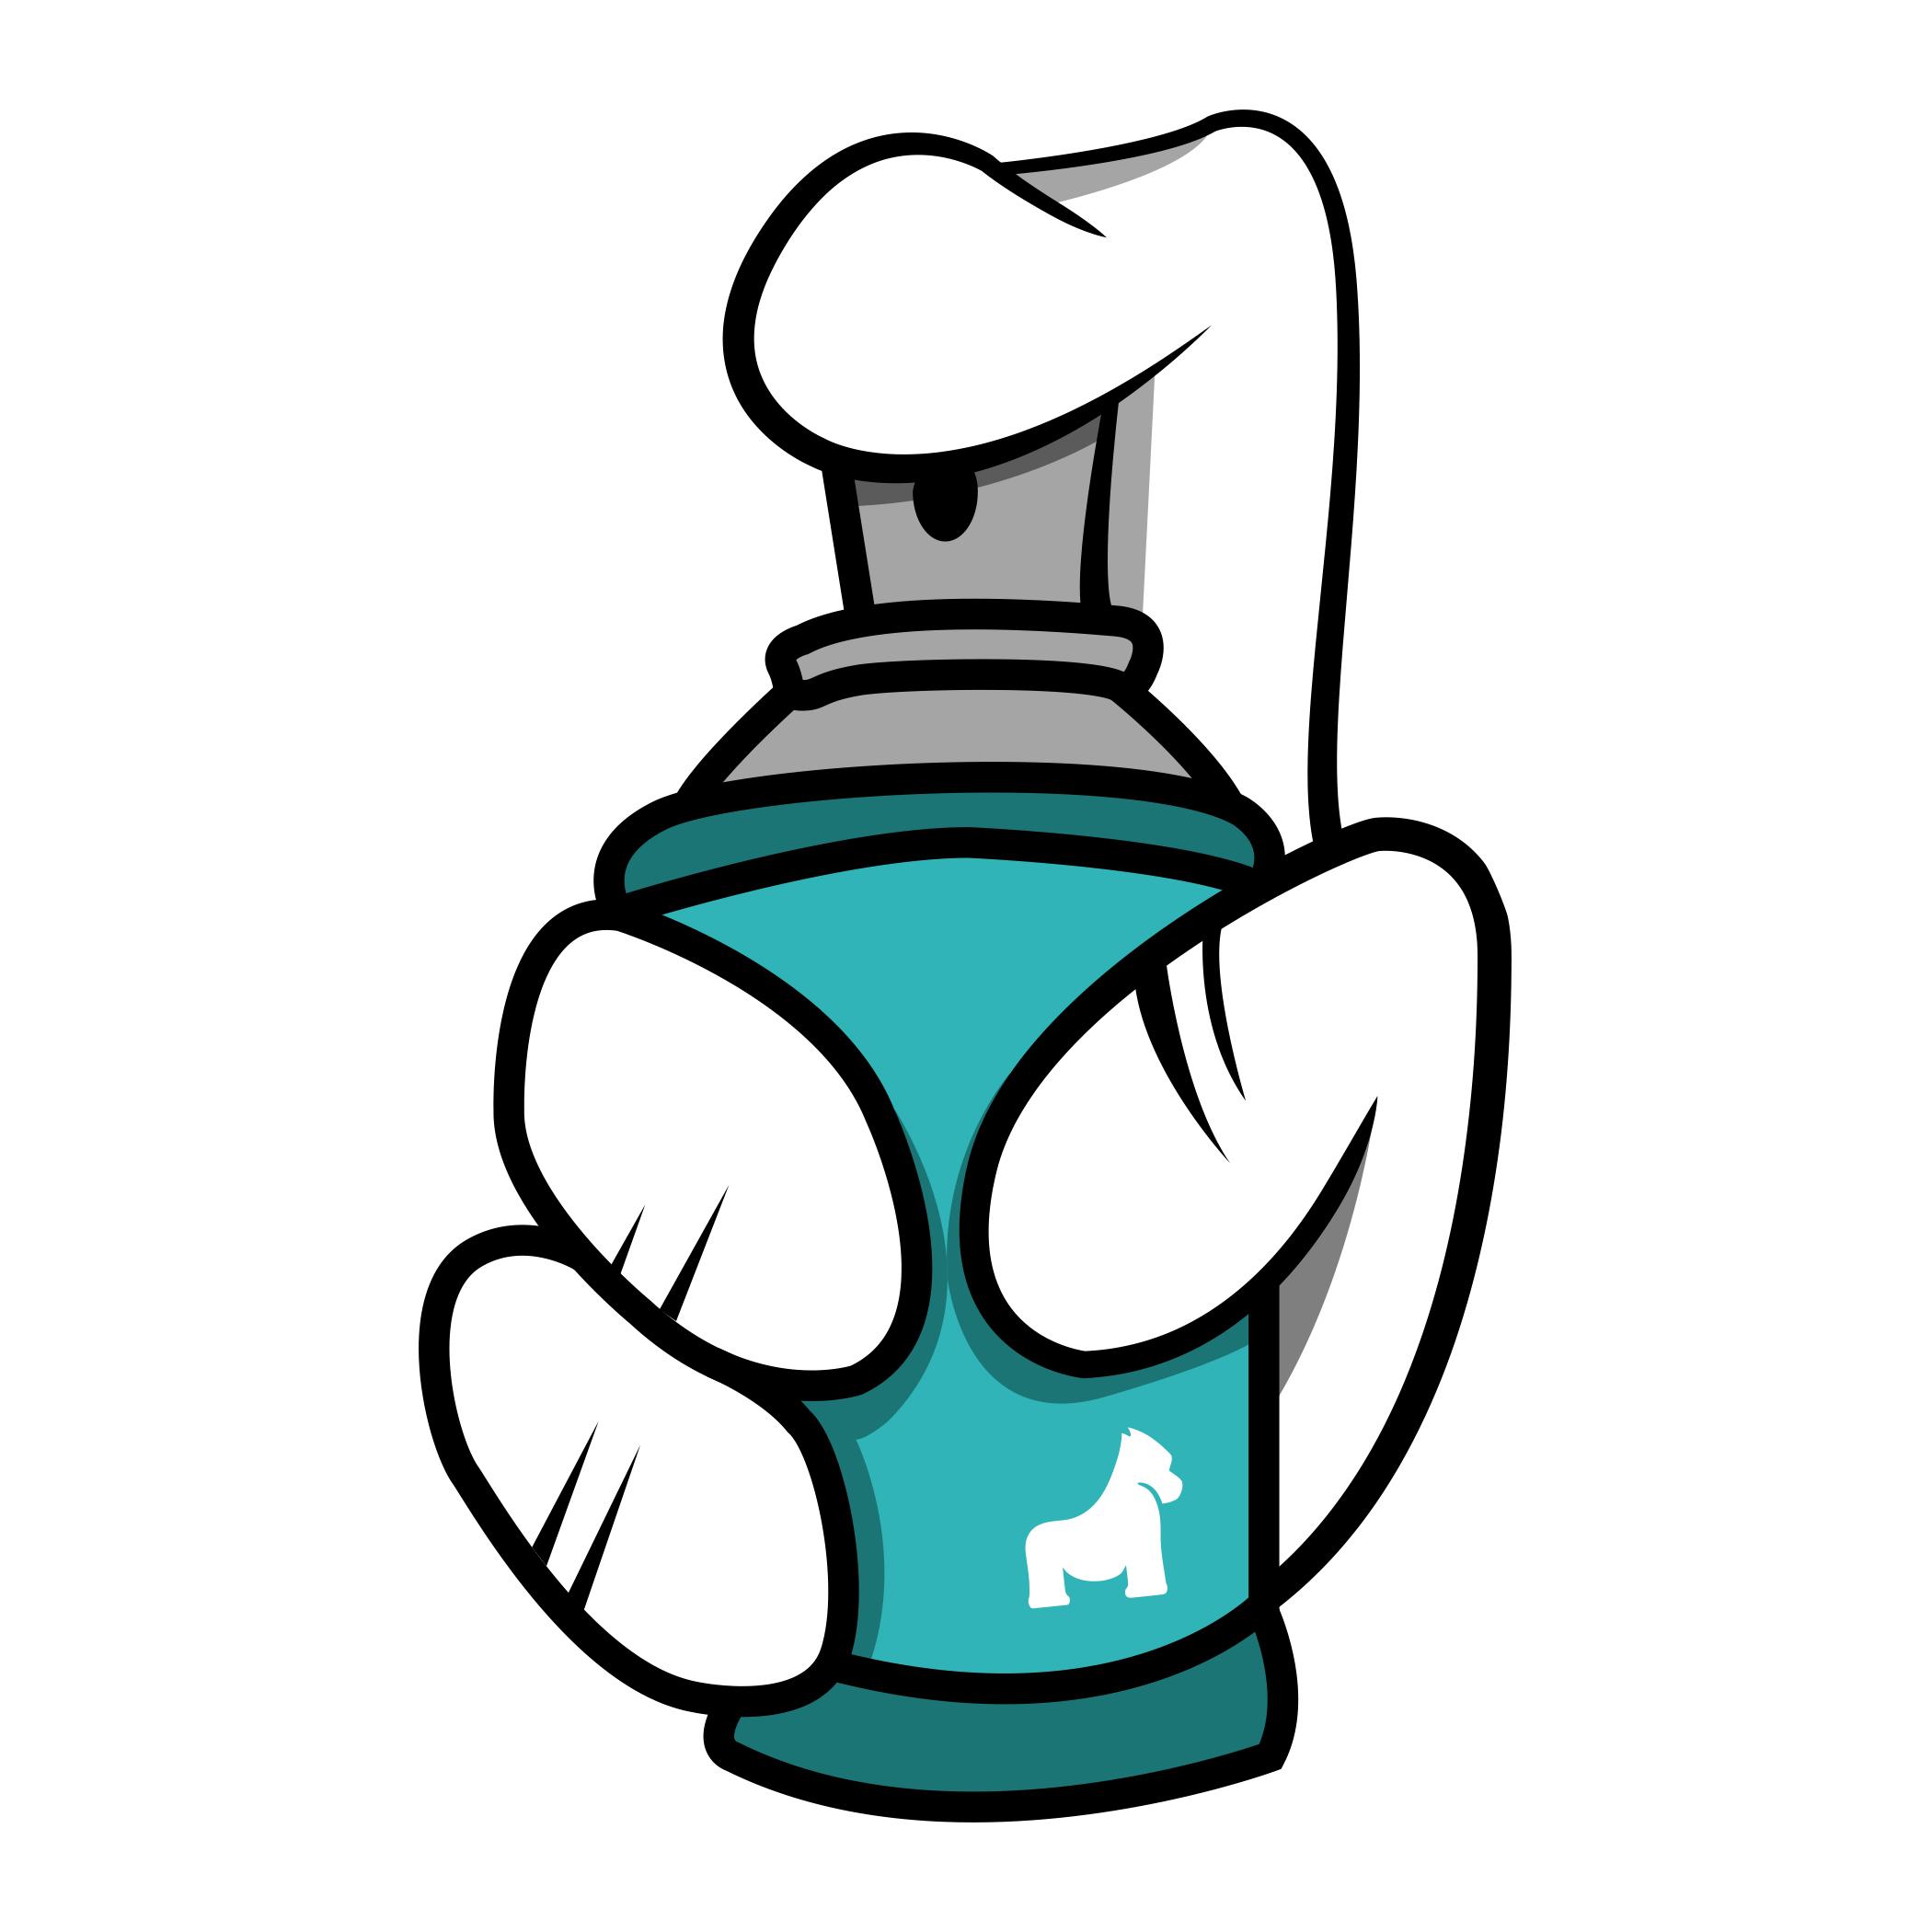 Spray Can Hand Sticker